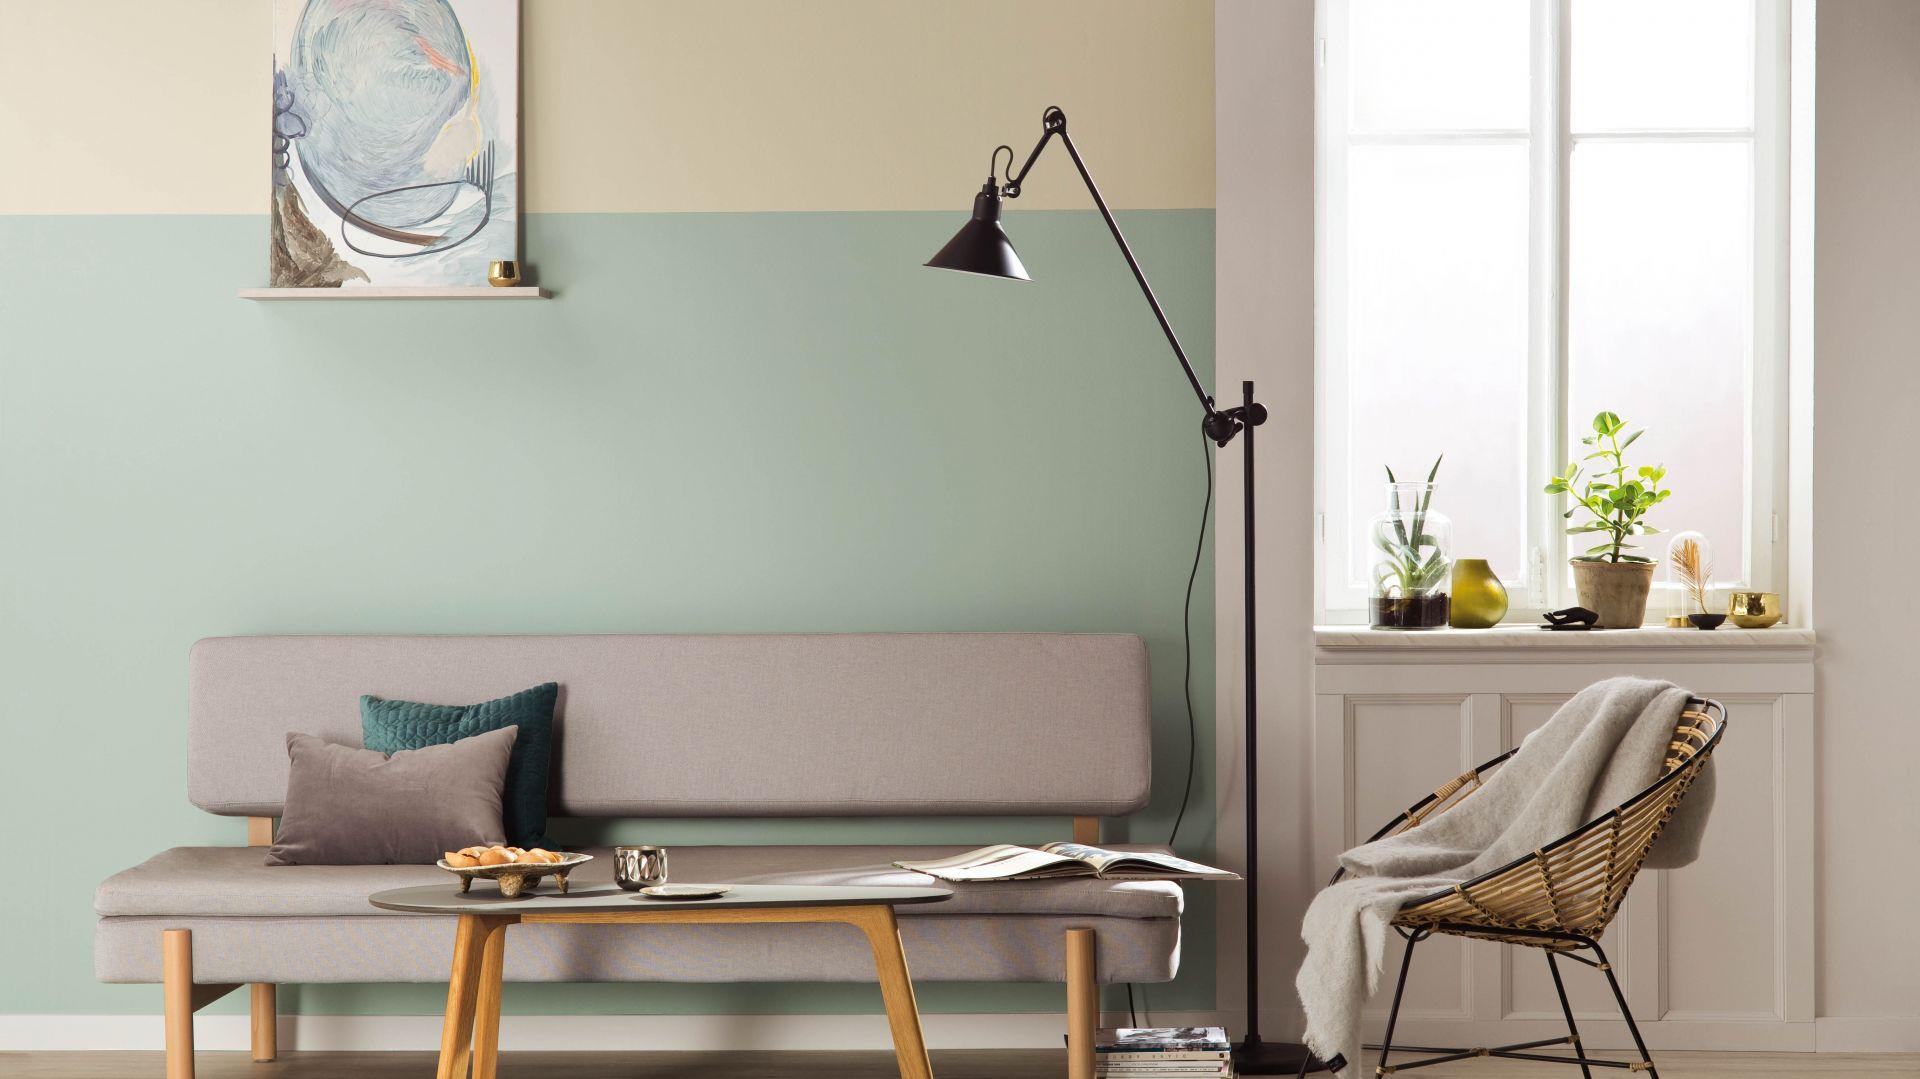 Skandynawskie wnętrze - pomysł na ścianę: farba Designer Collection kolory Flow, Trust, Shade.